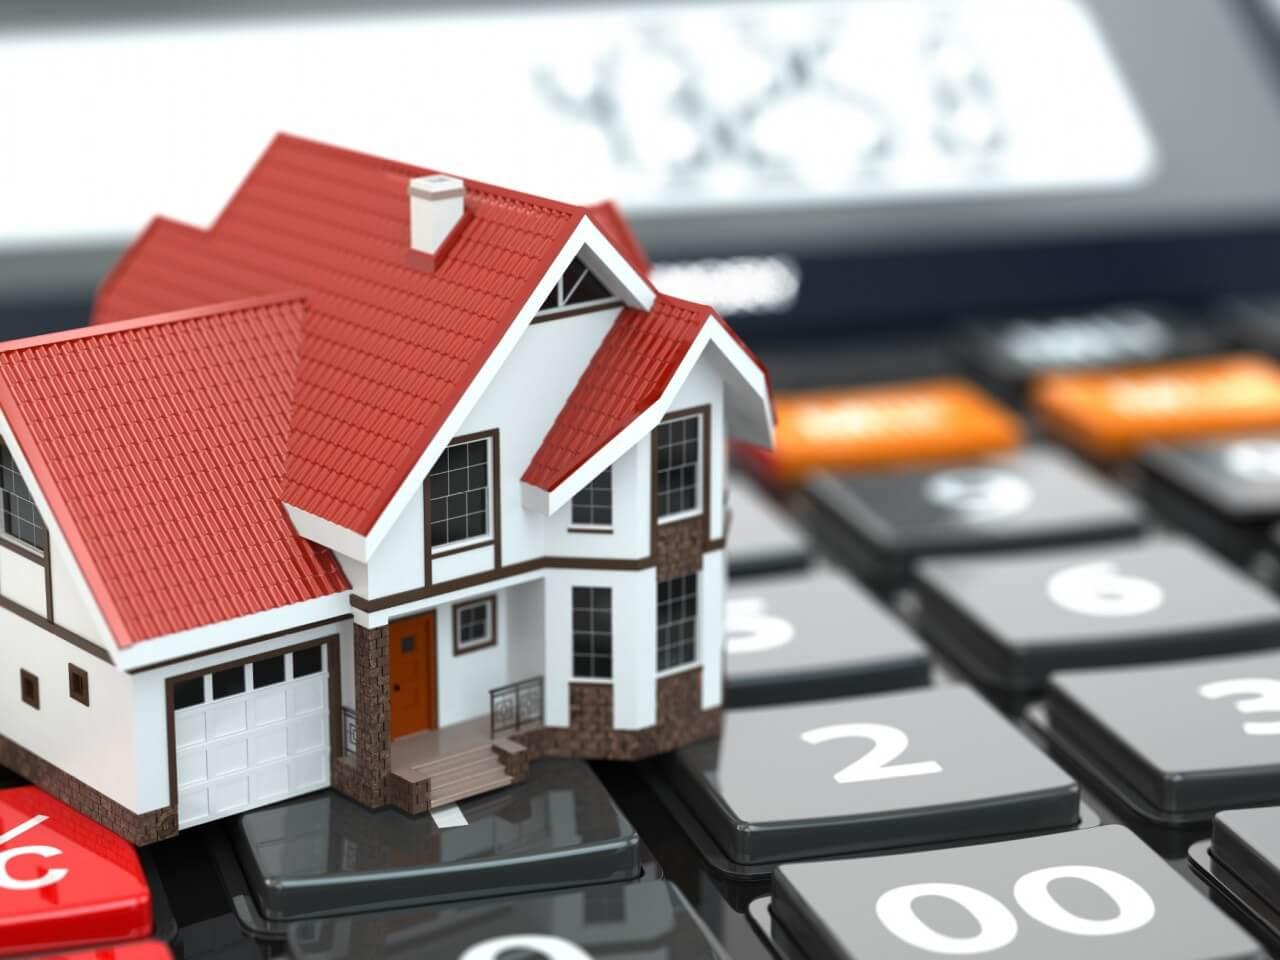 Как покупать на торгах по банкротству: логика участия в аукционе в зависимости от целей